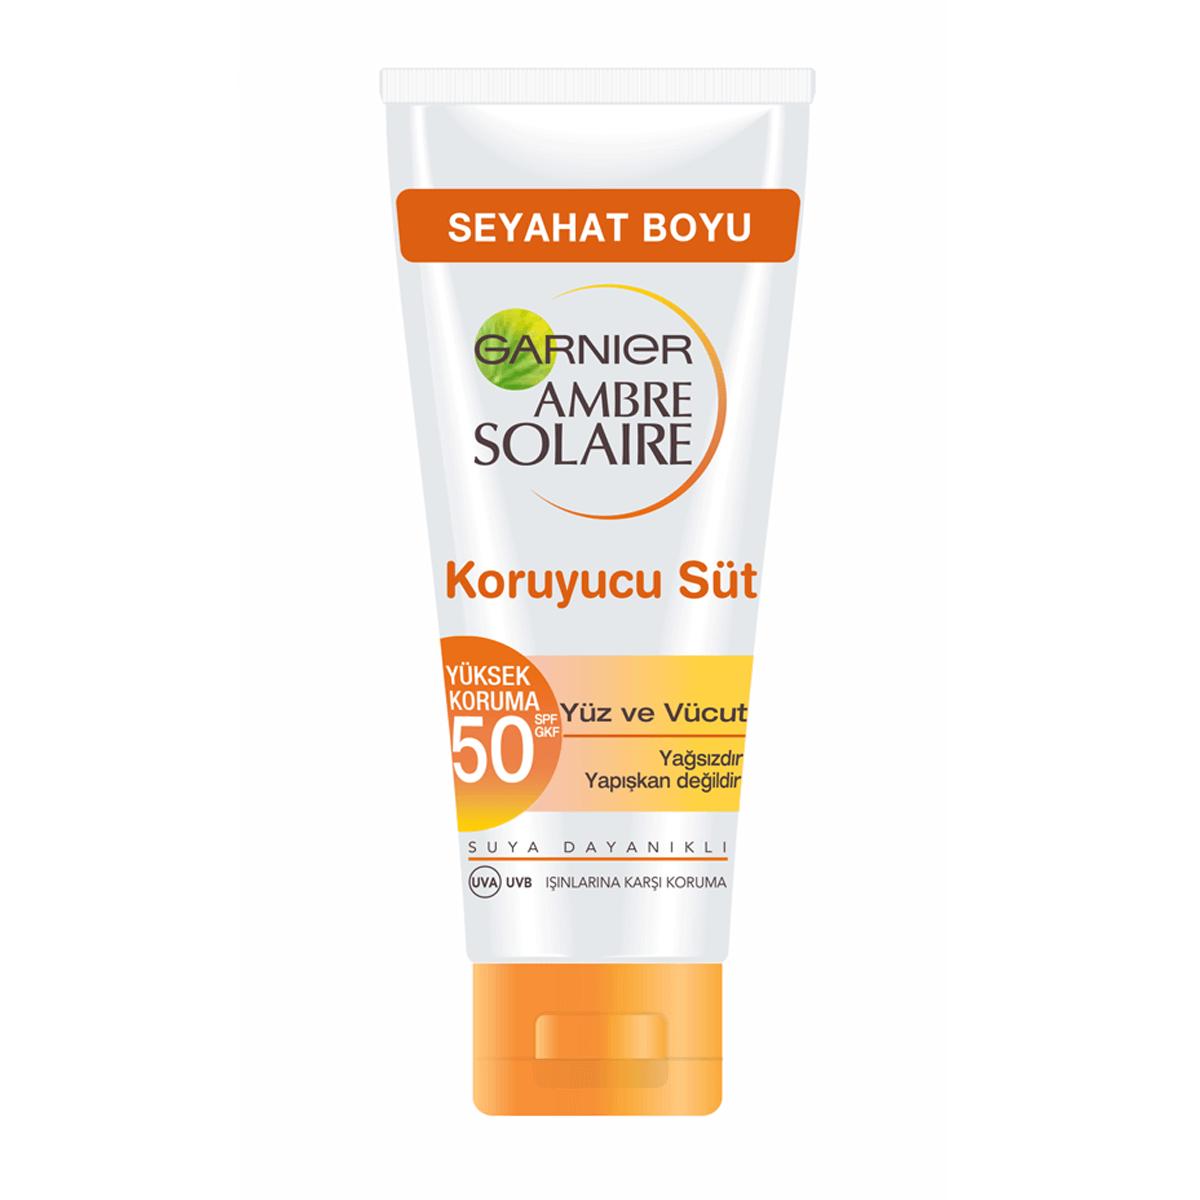 Ambre Solaire Yüz ve Vücut Güneş Kremi Koruyucu Süt SPF50 50 ml